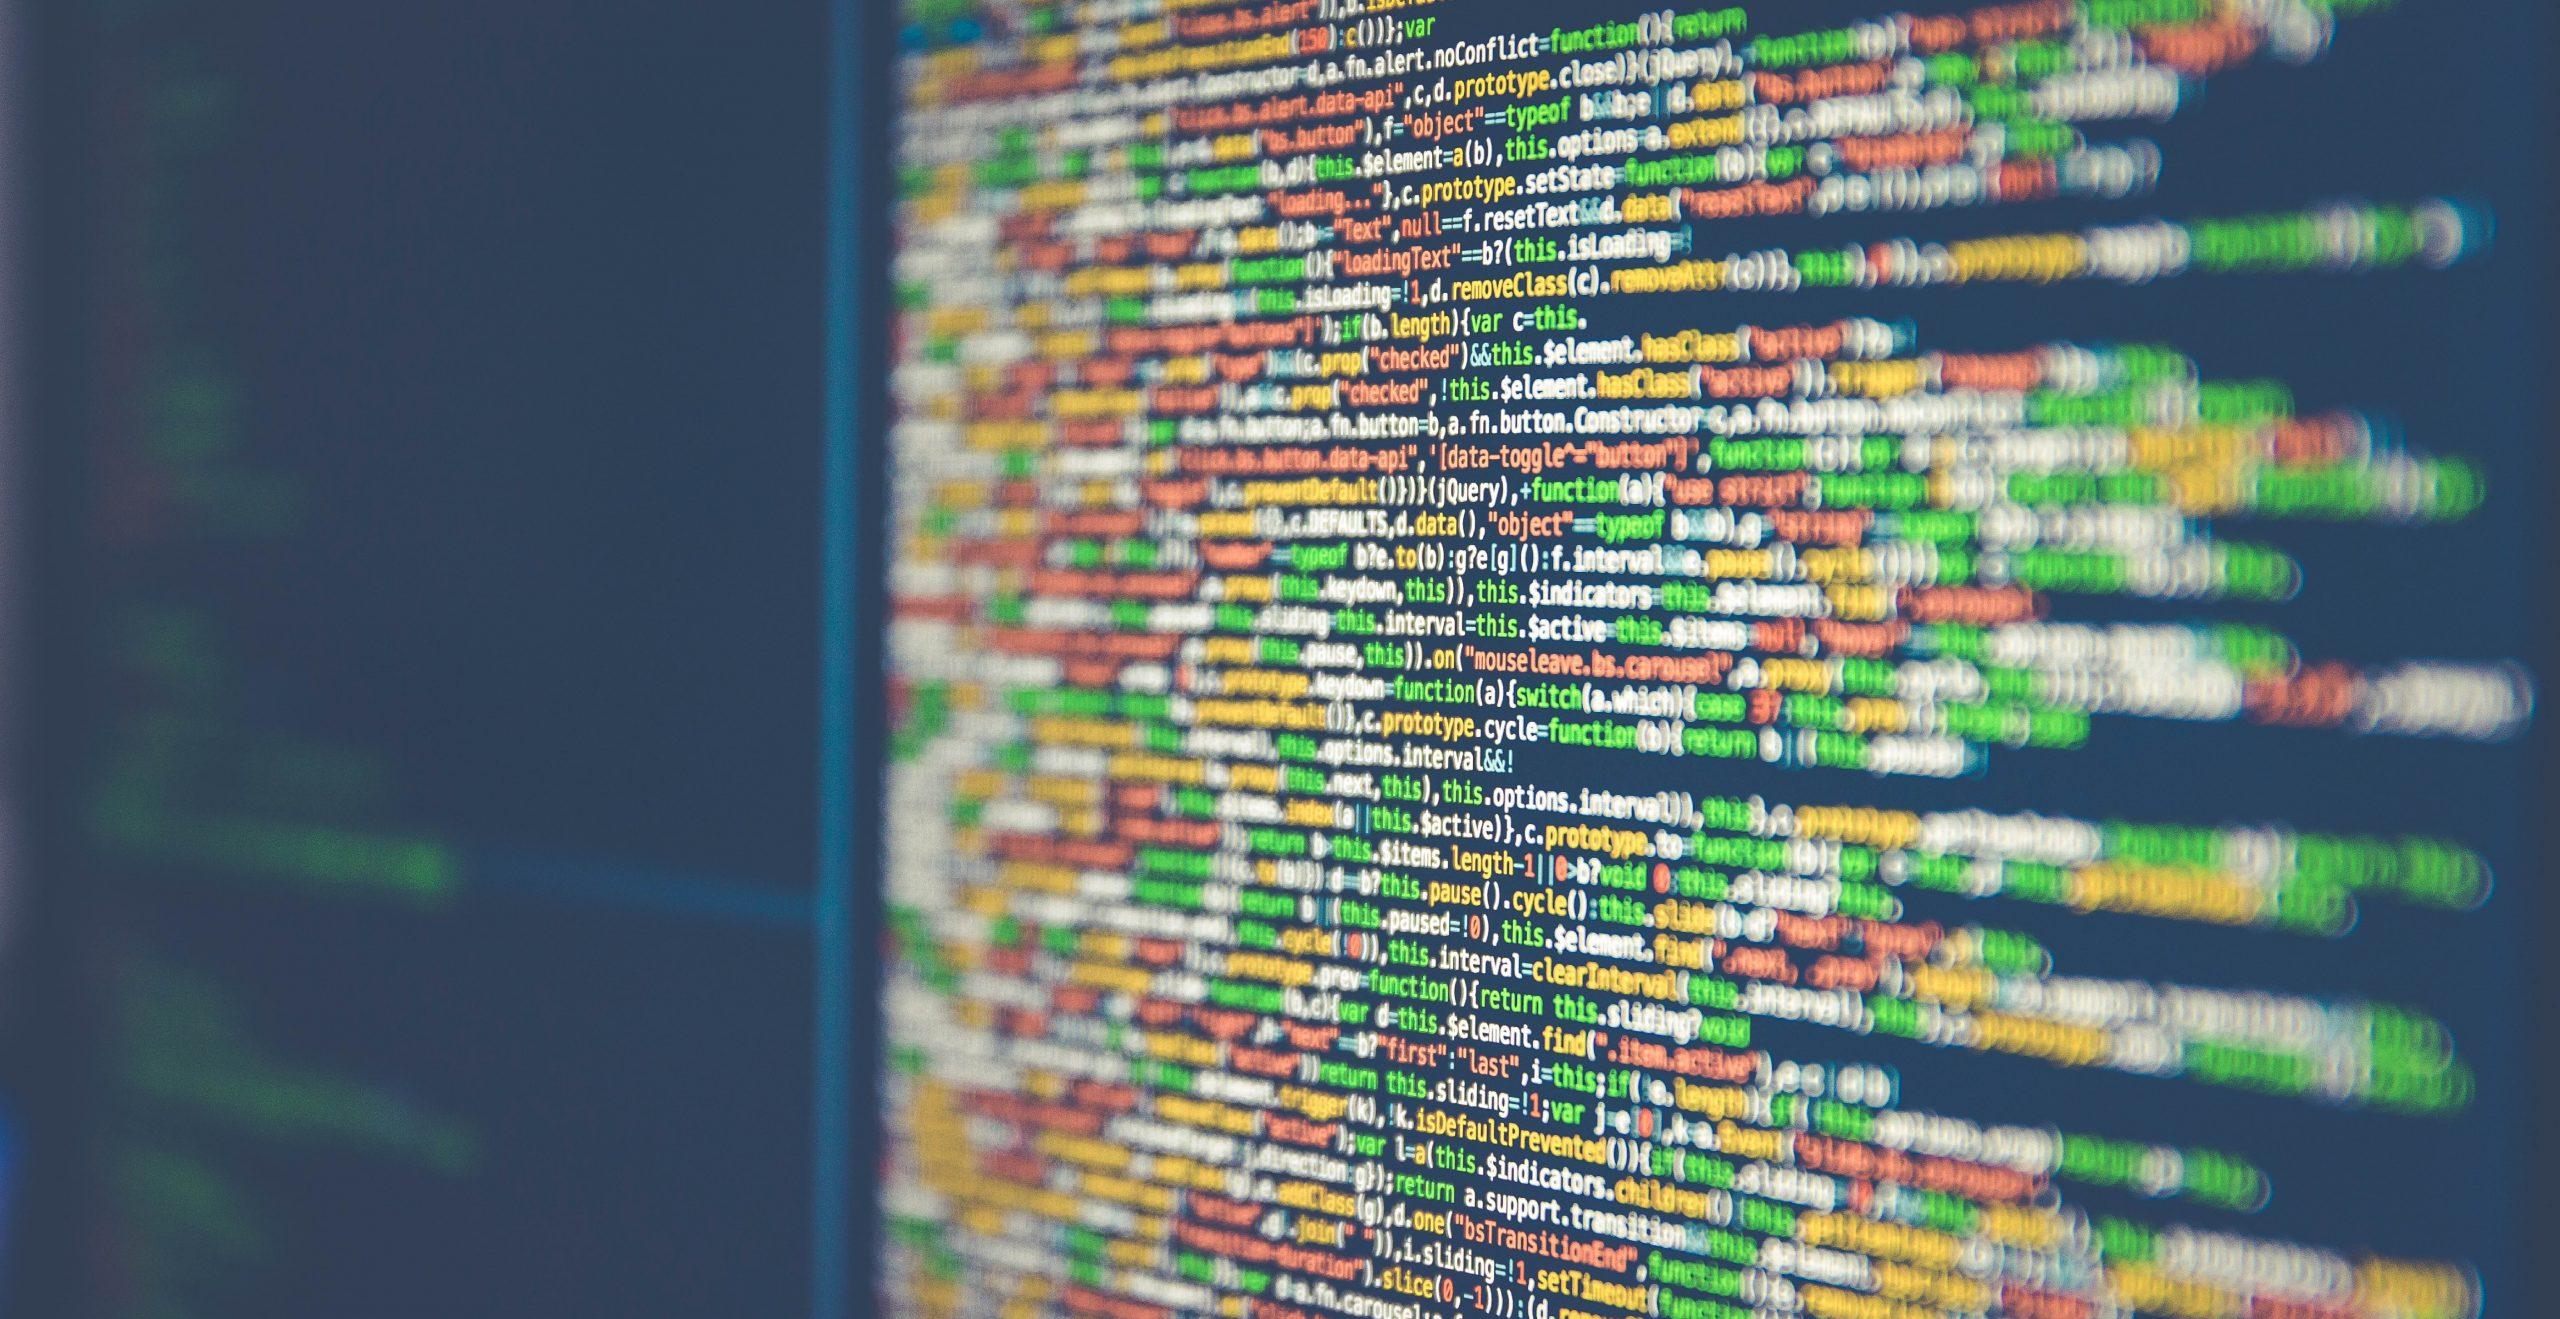 La coesione che cambia: verso una piattaforma digitale di innovazioni sociali cohesion-driven